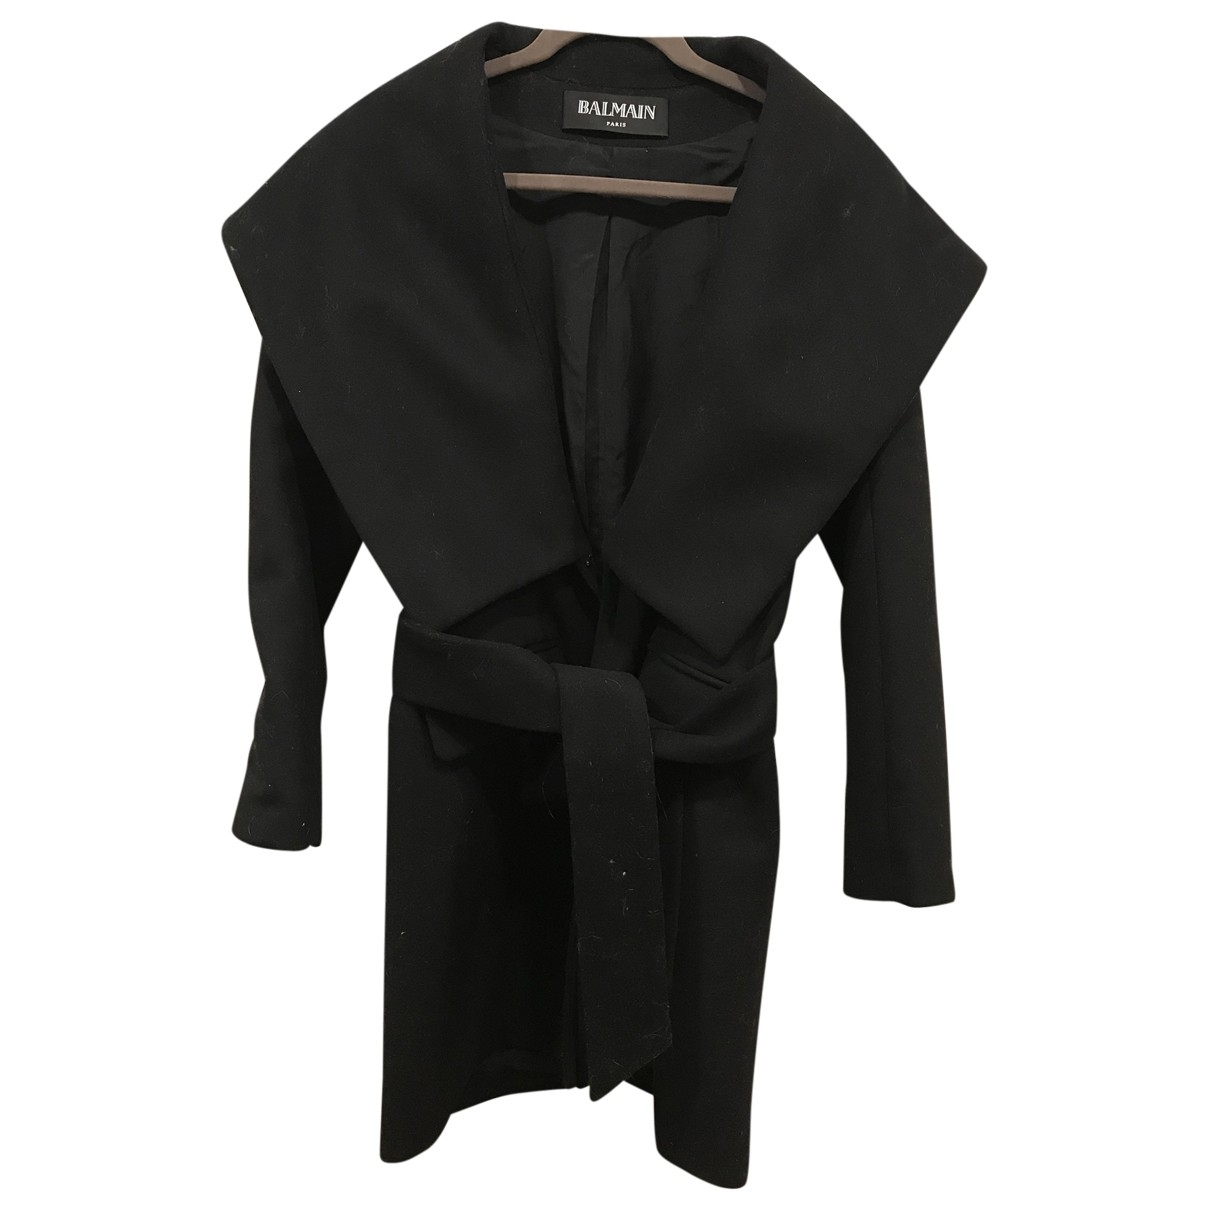 Balmain - Manteau   pour femme en laine - noir